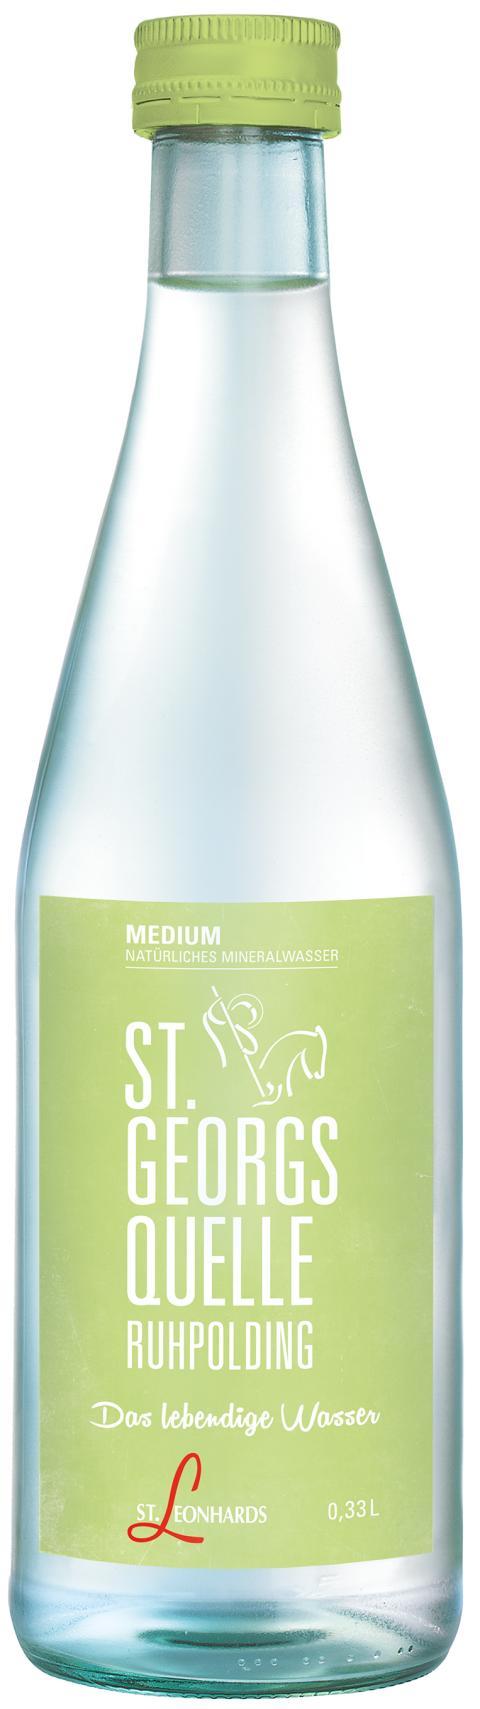 St. Georgsquelle-medium 0,33 L